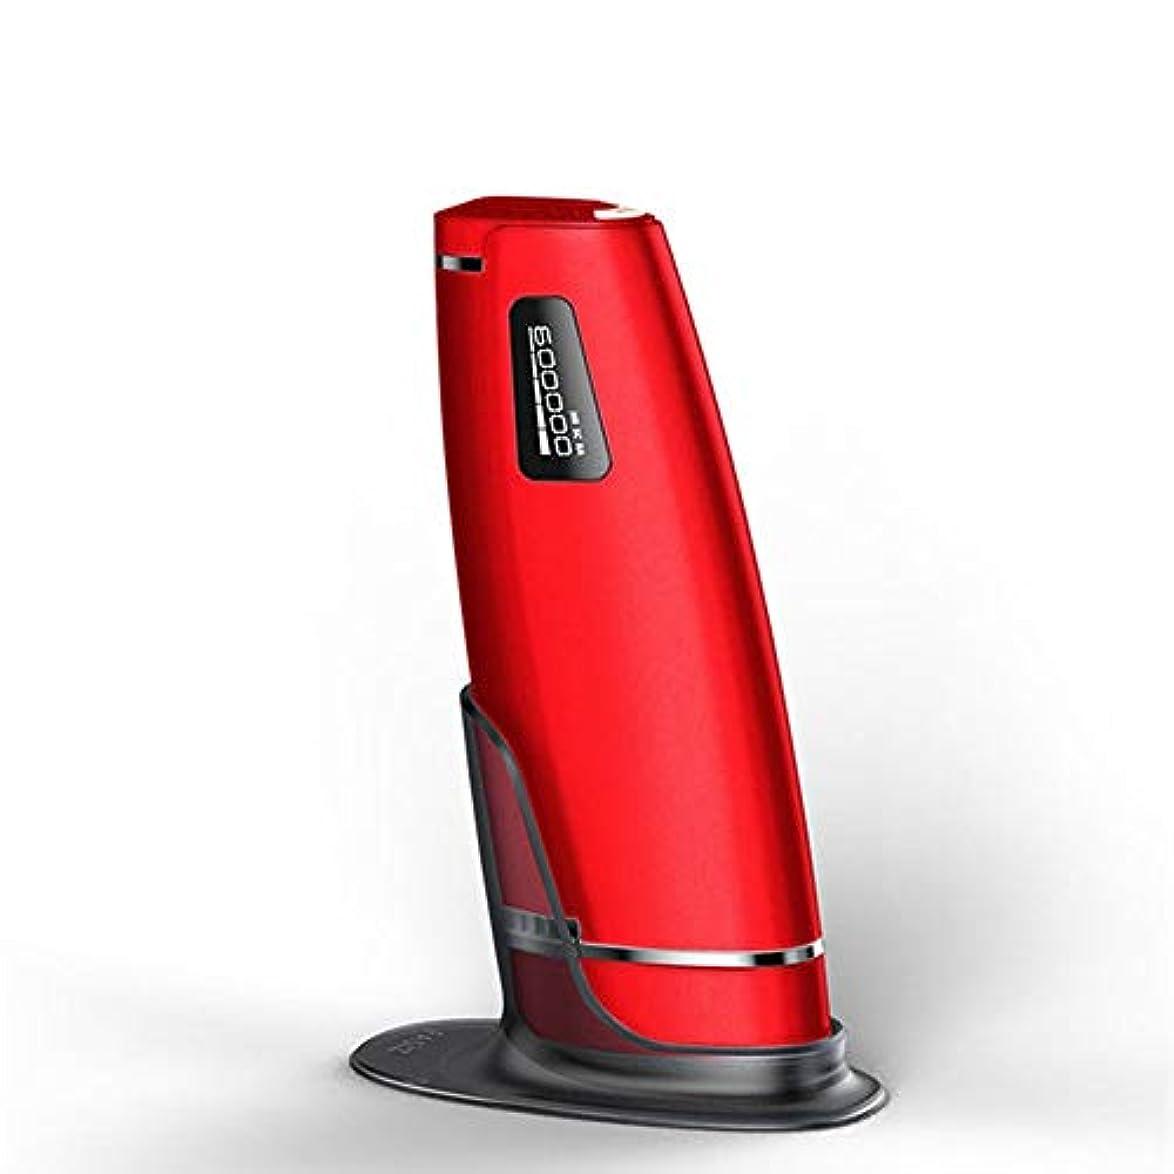 精巧なインスタント干し草Nuanxin 赤、デュアルモード、ホームオートマチック無痛脱毛剤、携帯用永久脱毛剤、5スピード調整、サイズ20.5 X 4.5 X 7 Cm F30 (Color : Red)